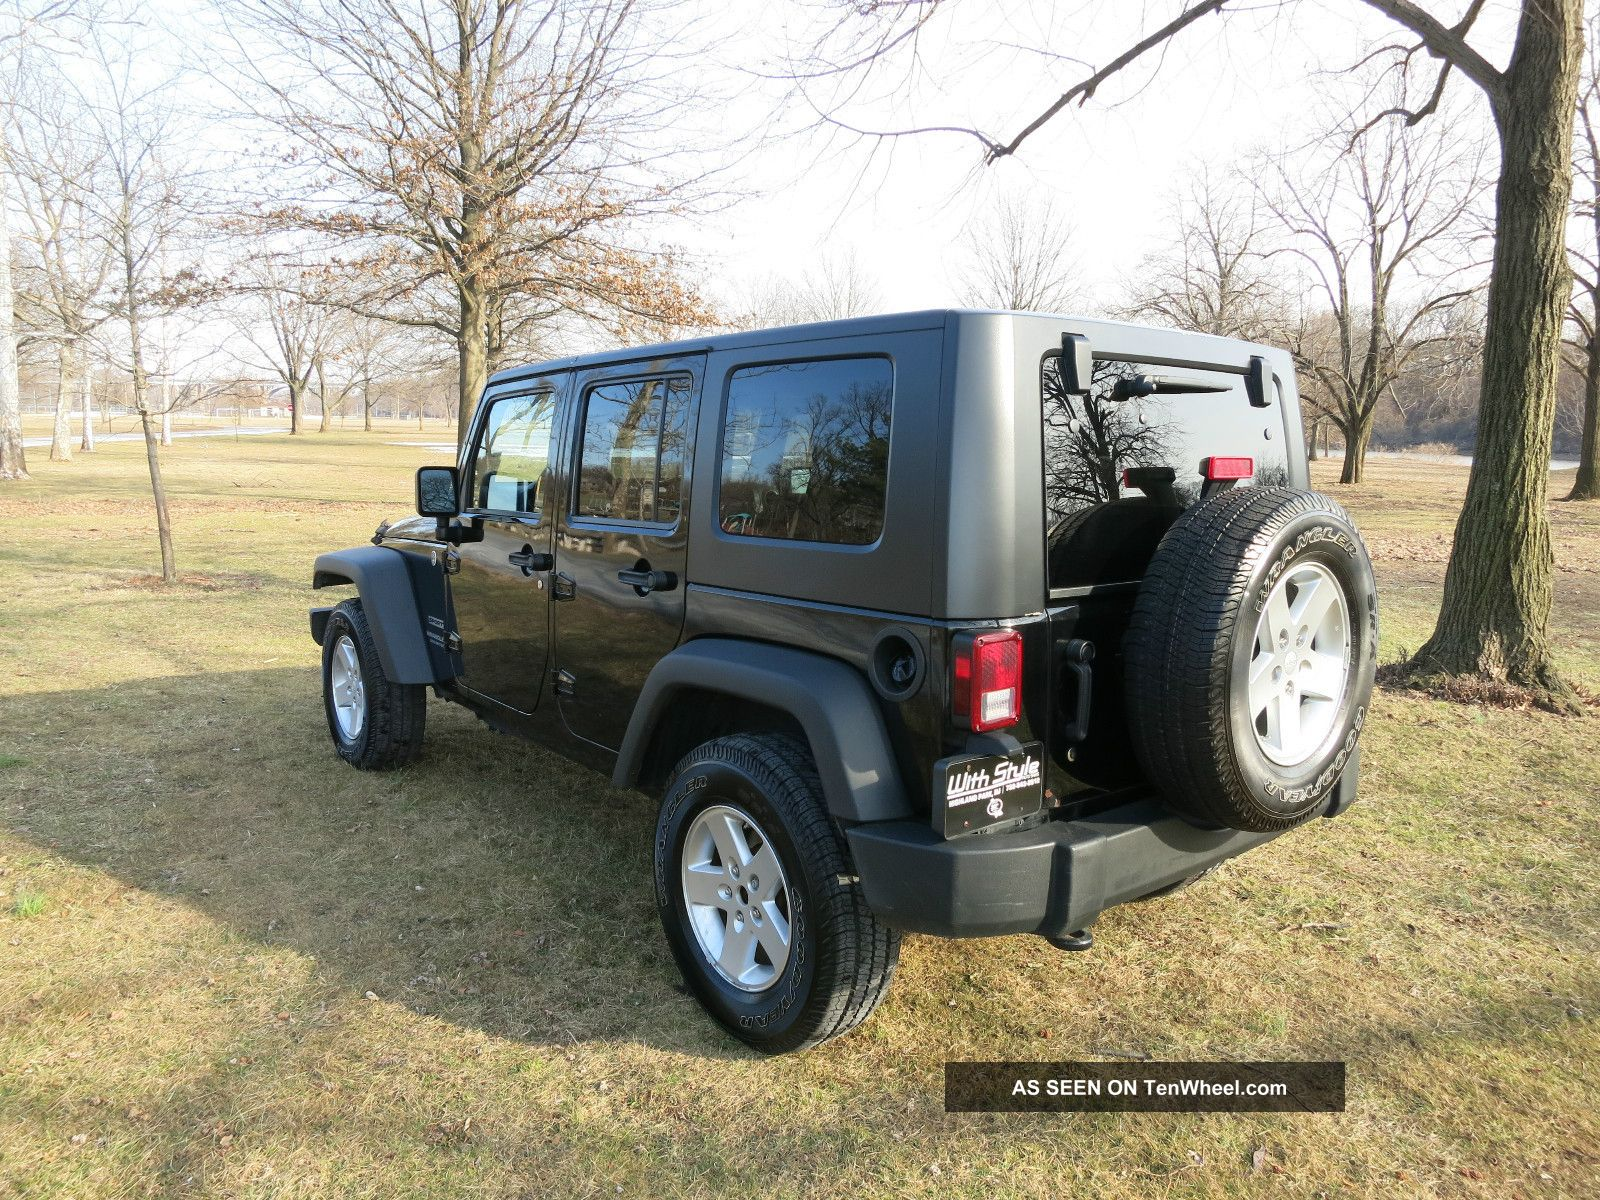 2010 jeep wrangler unlimited sport in hard top. Black Bedroom Furniture Sets. Home Design Ideas